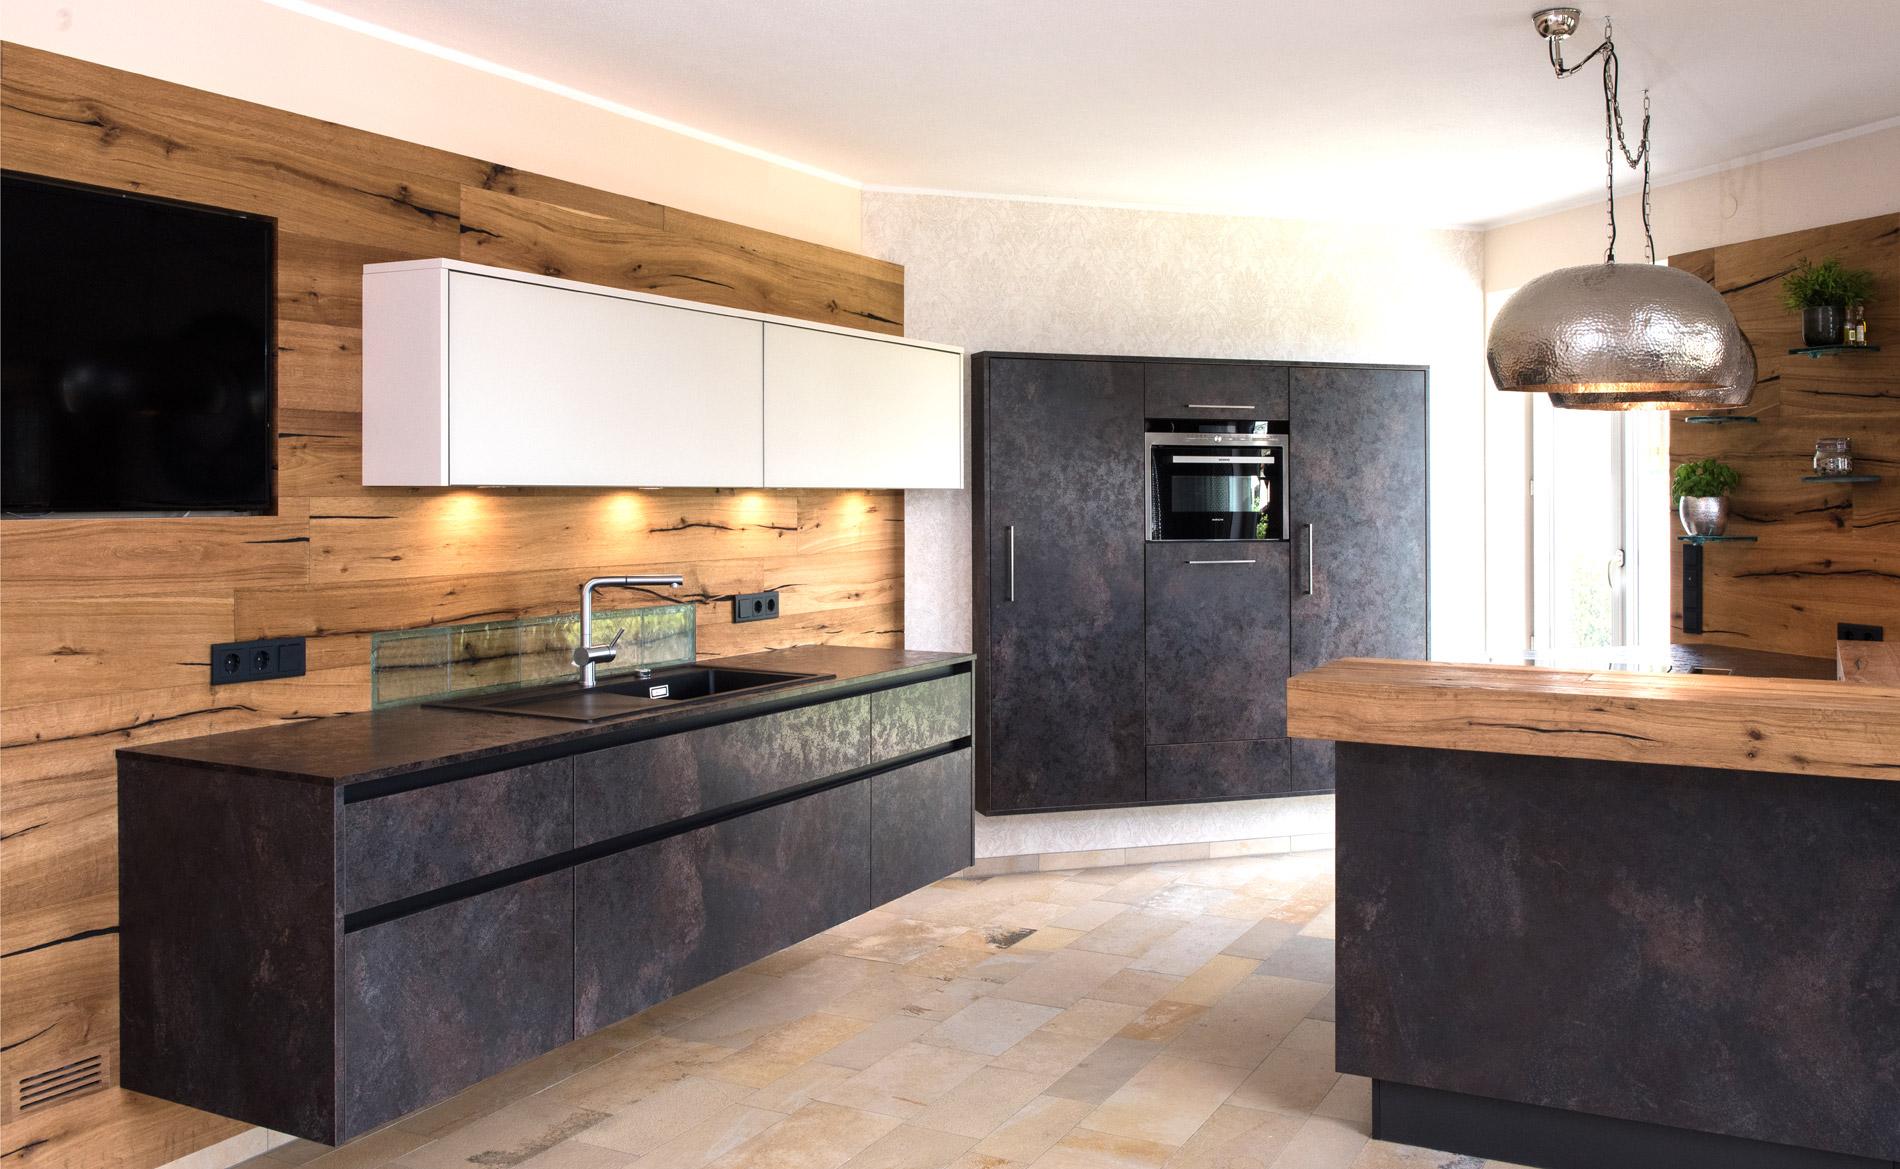 Full Size of Musterkche 9 Kche Kchenplaner Kchenausstellung Kchenstudio Freistehende Küche Küchen Regal Wohnzimmer Freistehende Küchen